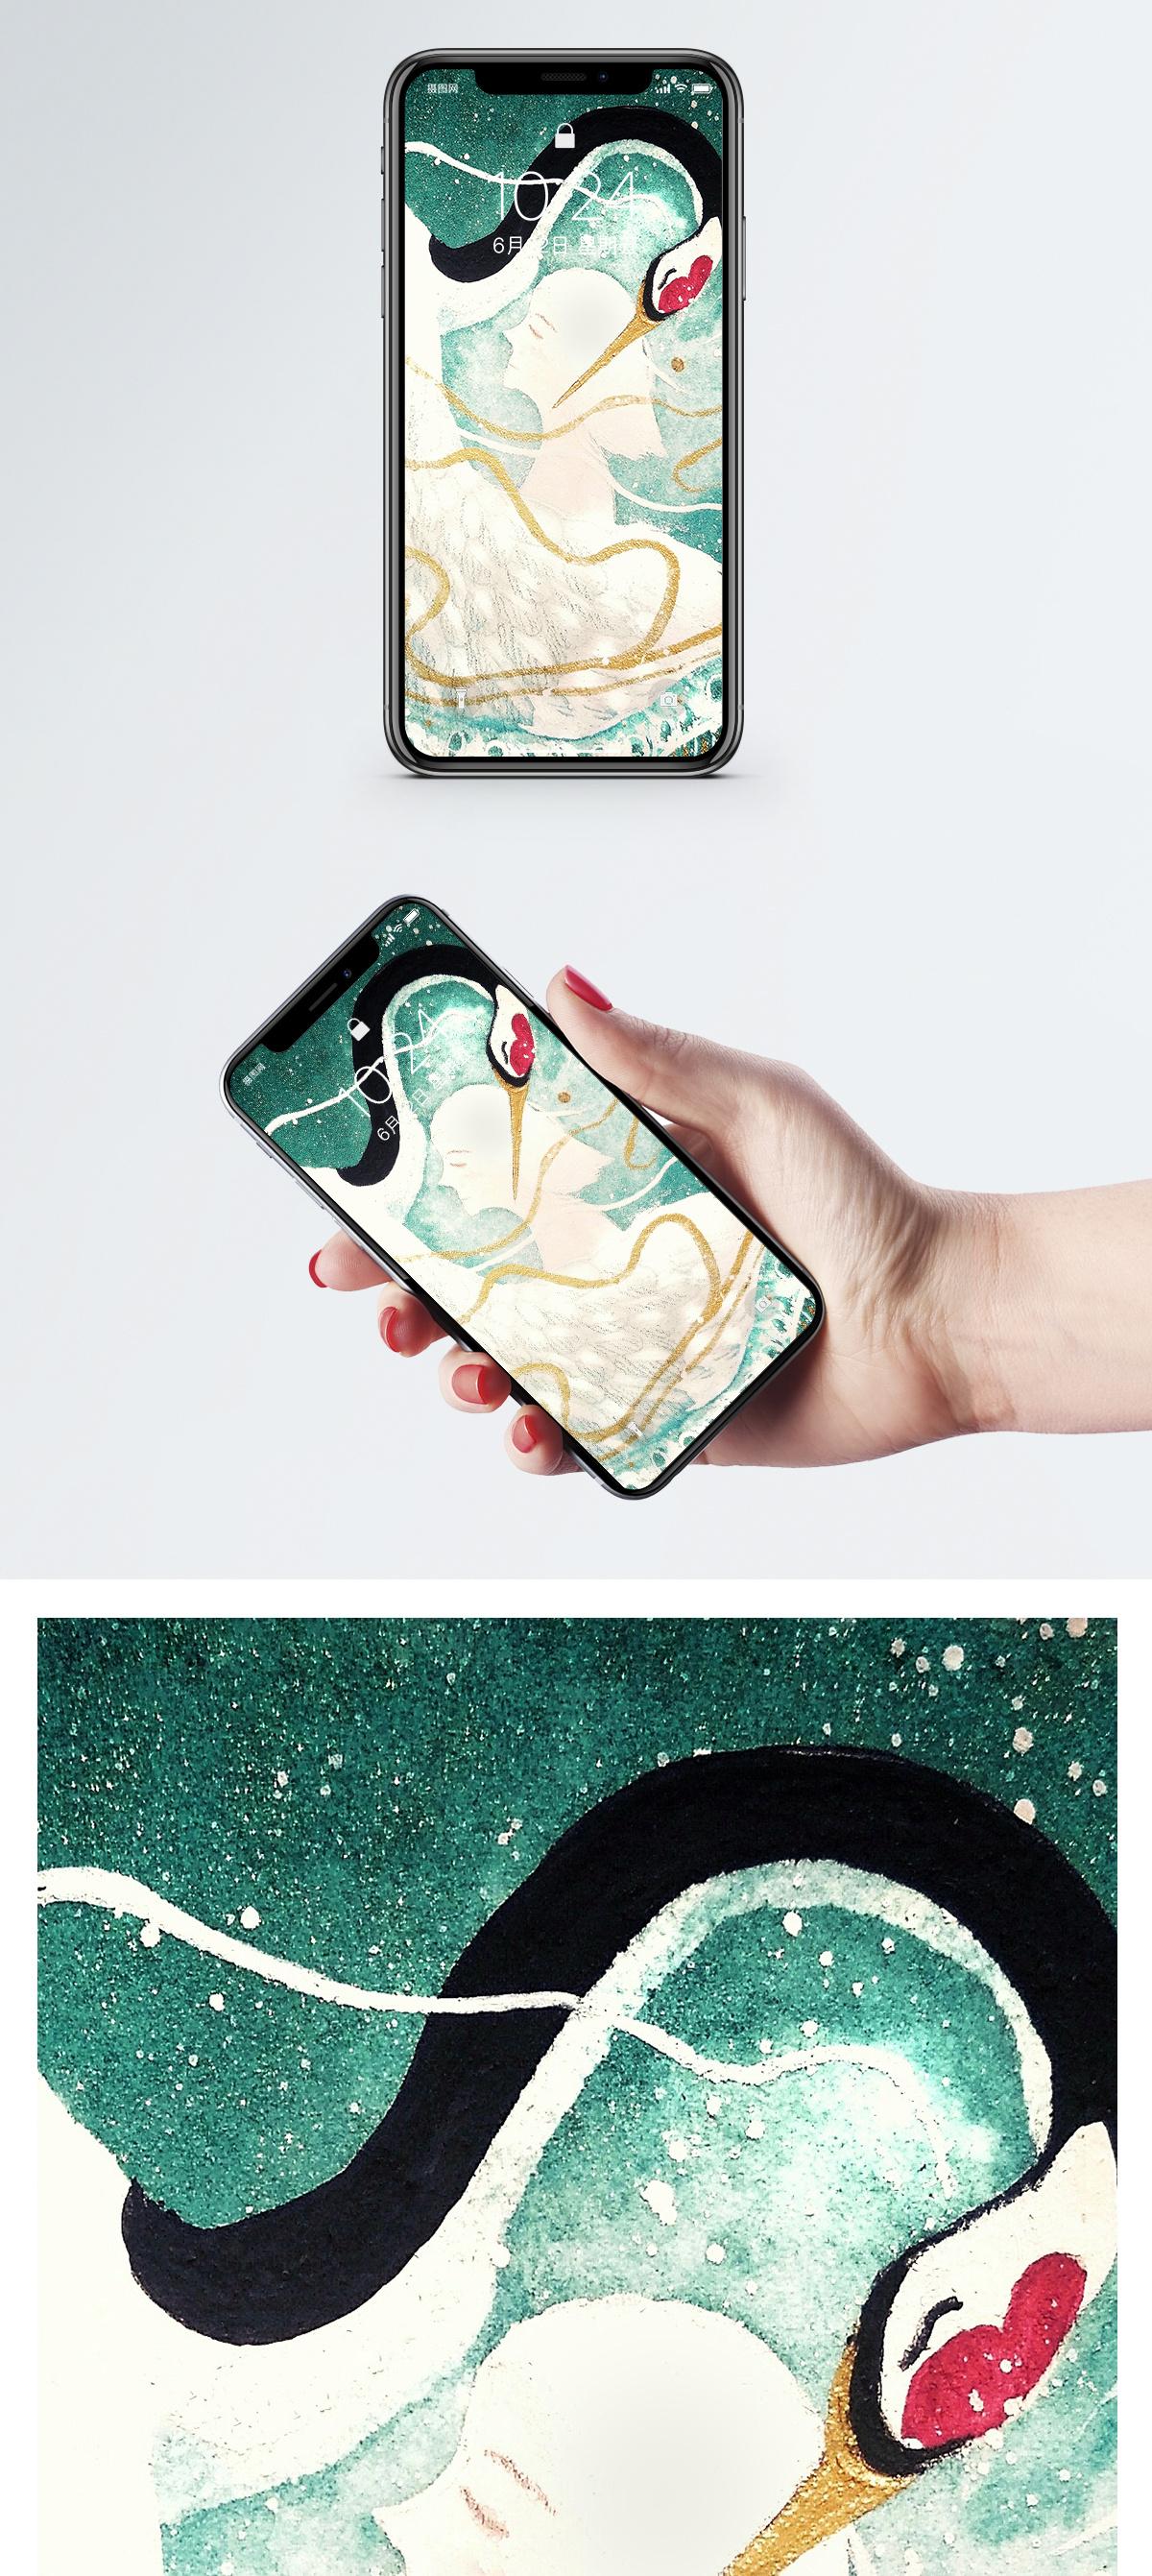 女孩与仙鹤手机壁纸图片